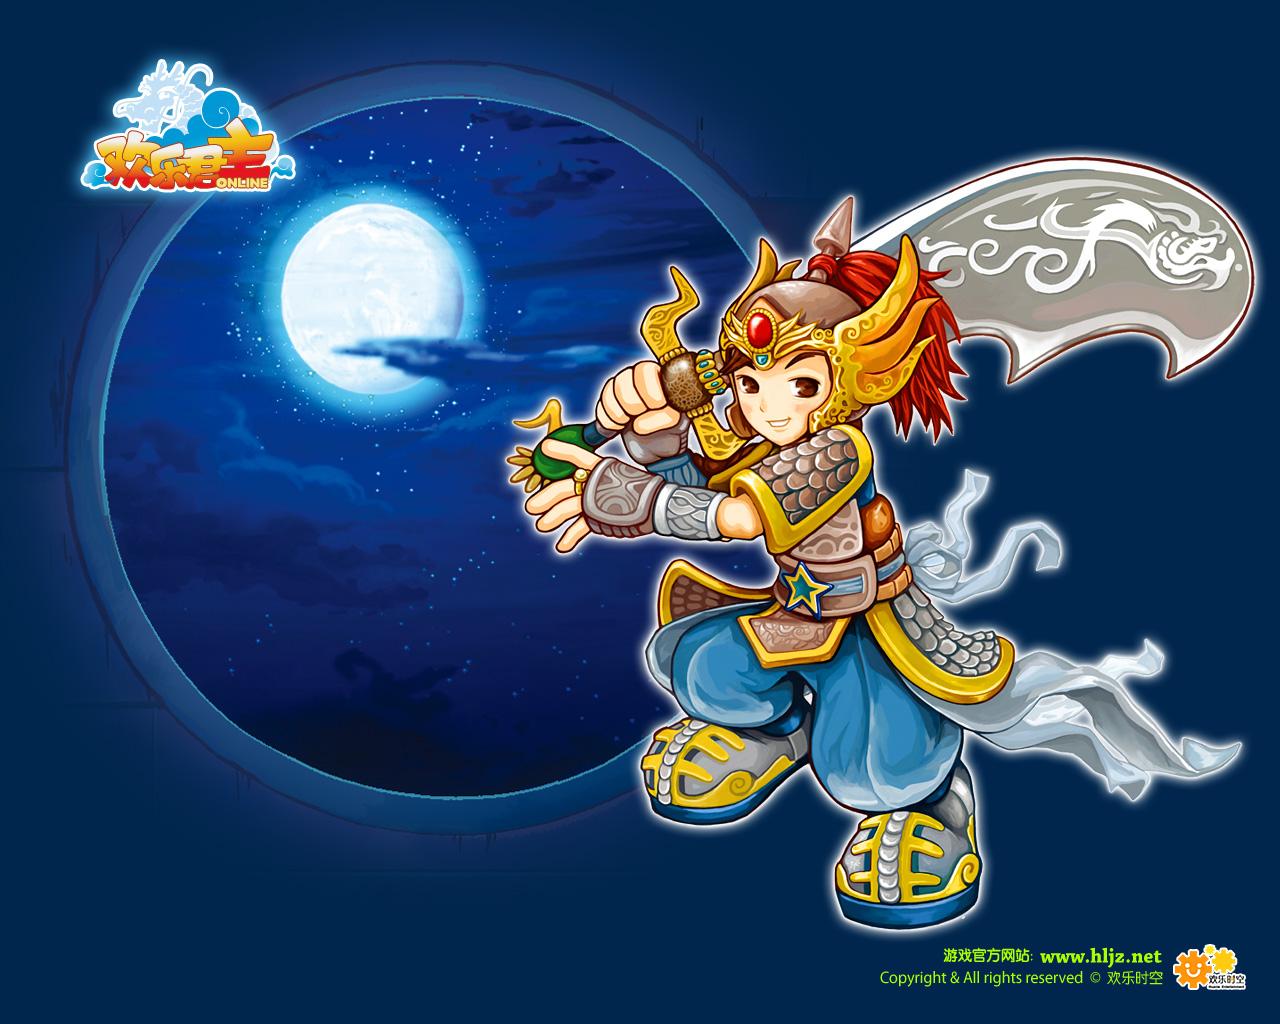 《欢乐君主online》精美壁纸(1280x1024)